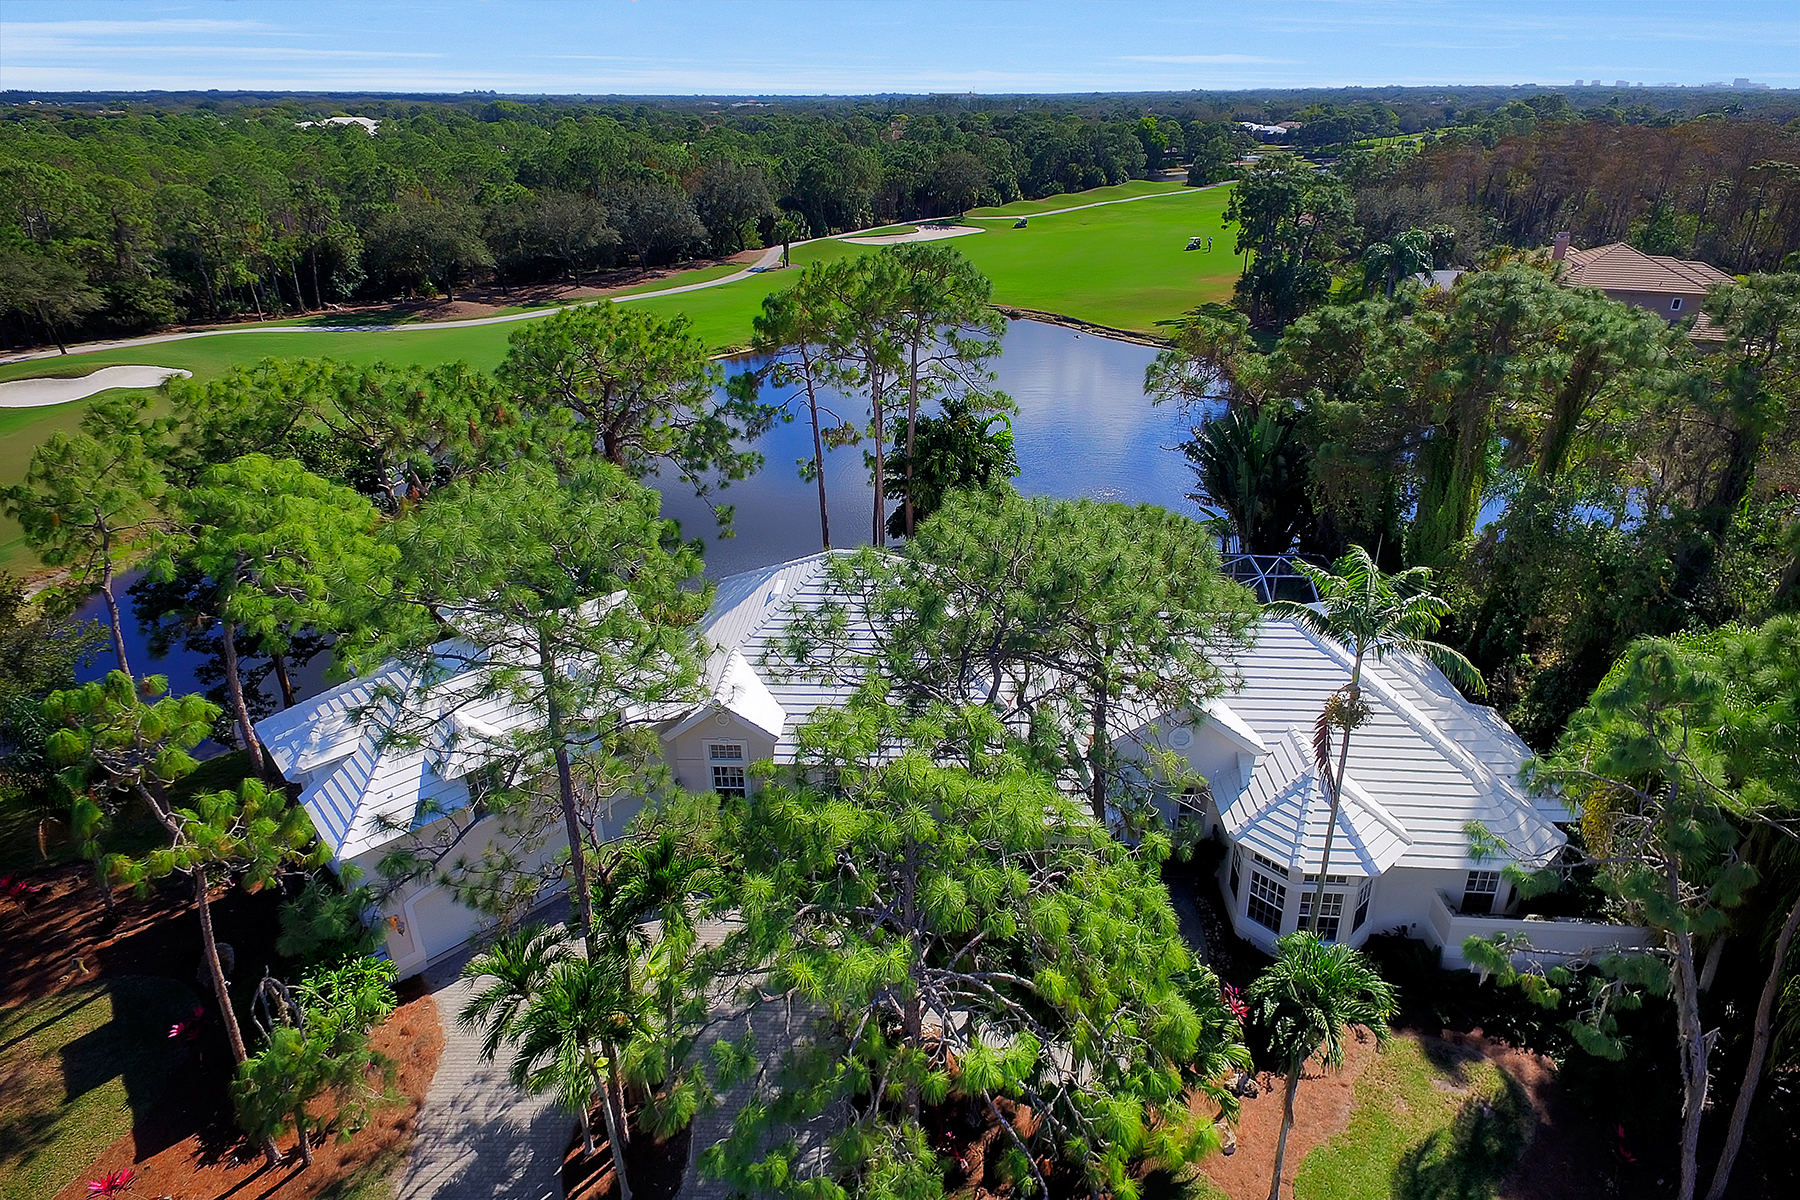 Casa Unifamiliar por un Venta en PELICAN LANDING - PENNYROYAL 24931 Pennyroyal Dr Bonita Springs, Florida, 34134 Estados Unidos